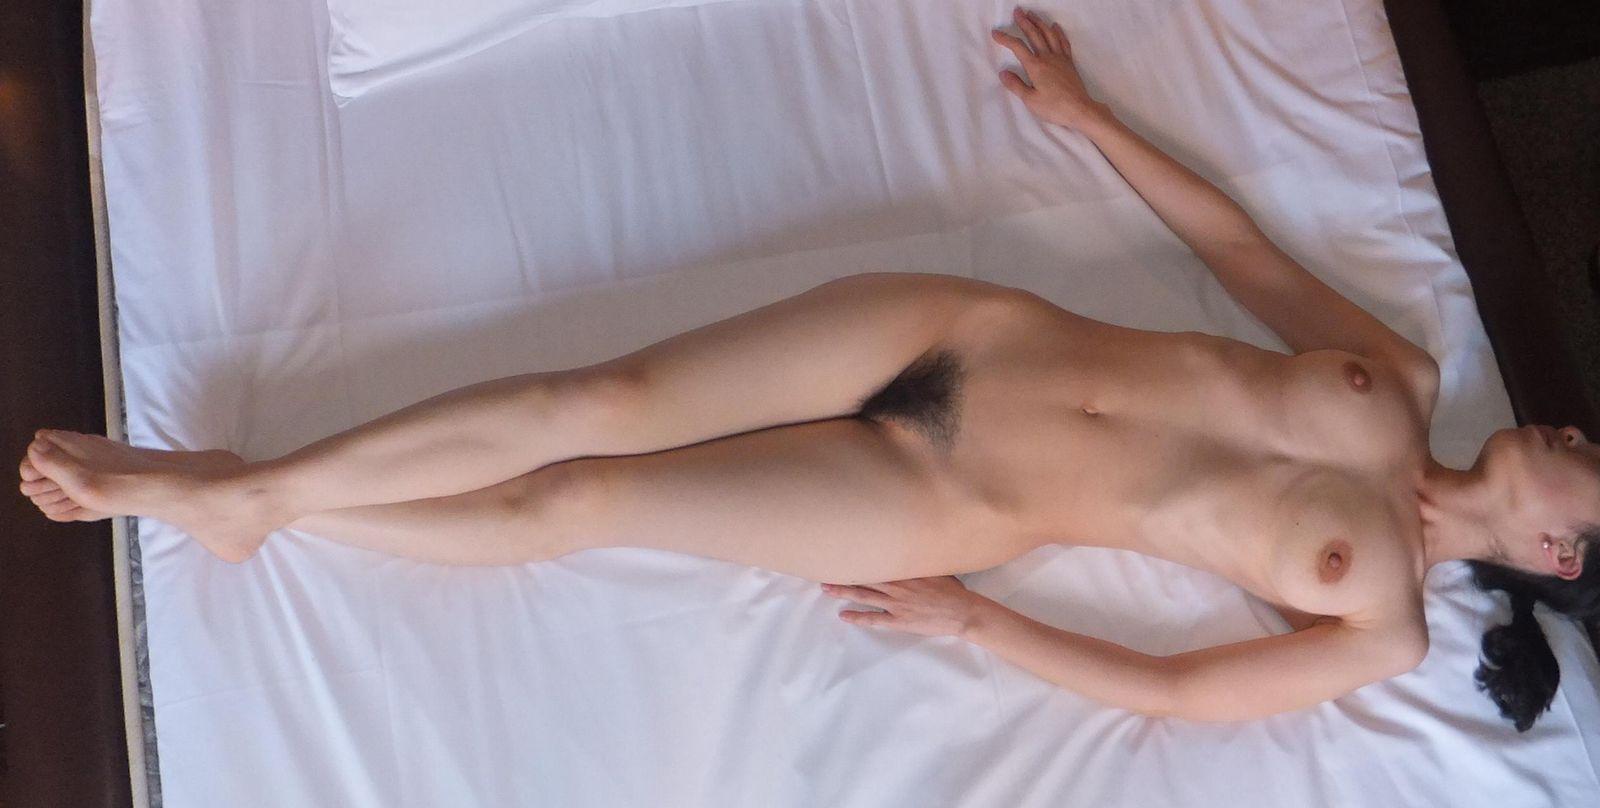 【ヌードエロ画像】立ったヌードよりエロスを感じる寝姿の全裸画像集! 21